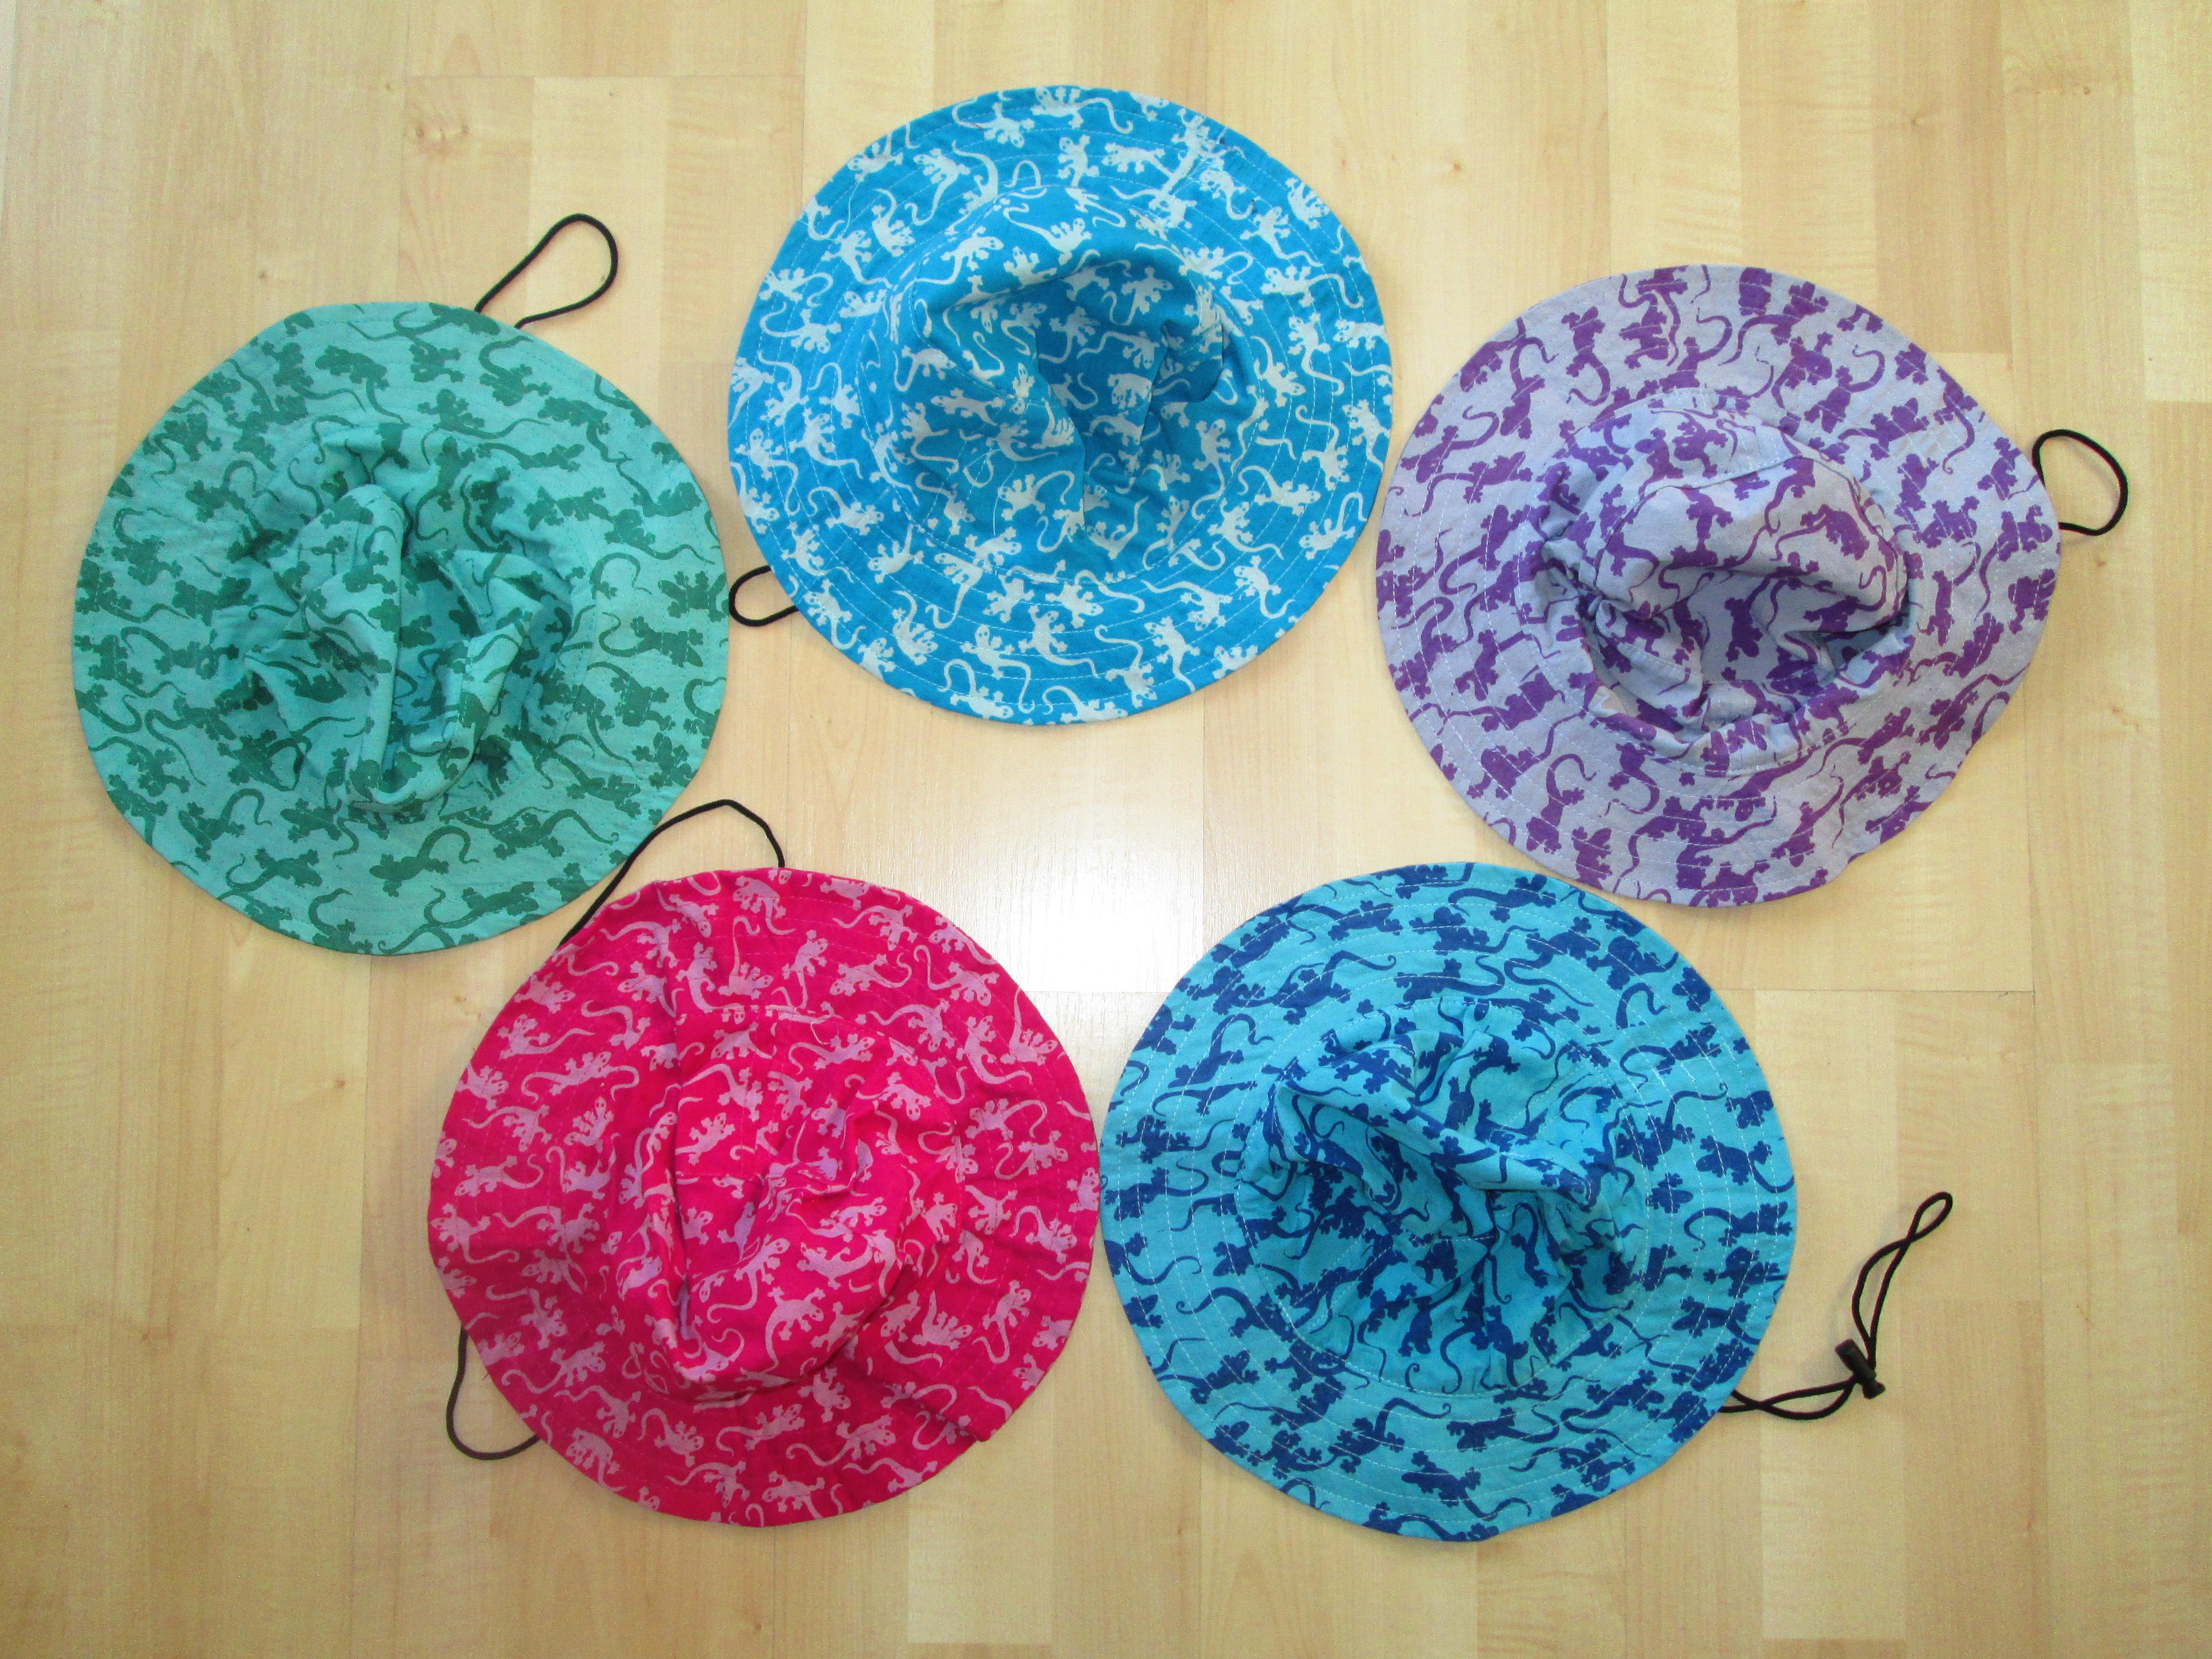 cappelli cotone stampato a mano motivo geki , confezione da 10 pezzi in 5 colori